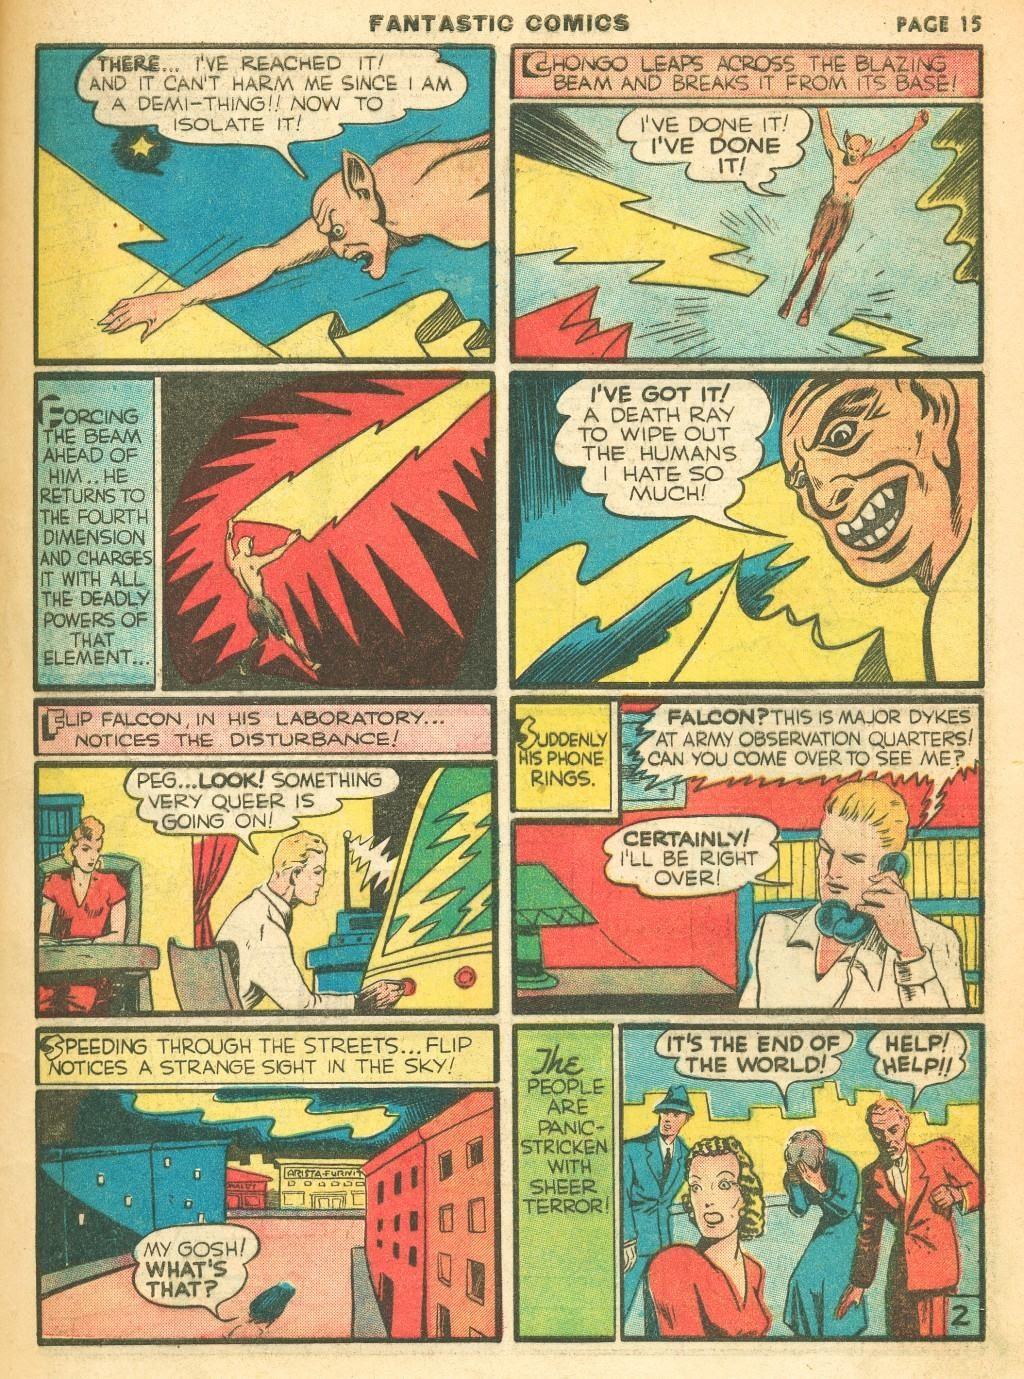 Read online Fantastic Comics comic -  Issue #12 - 17